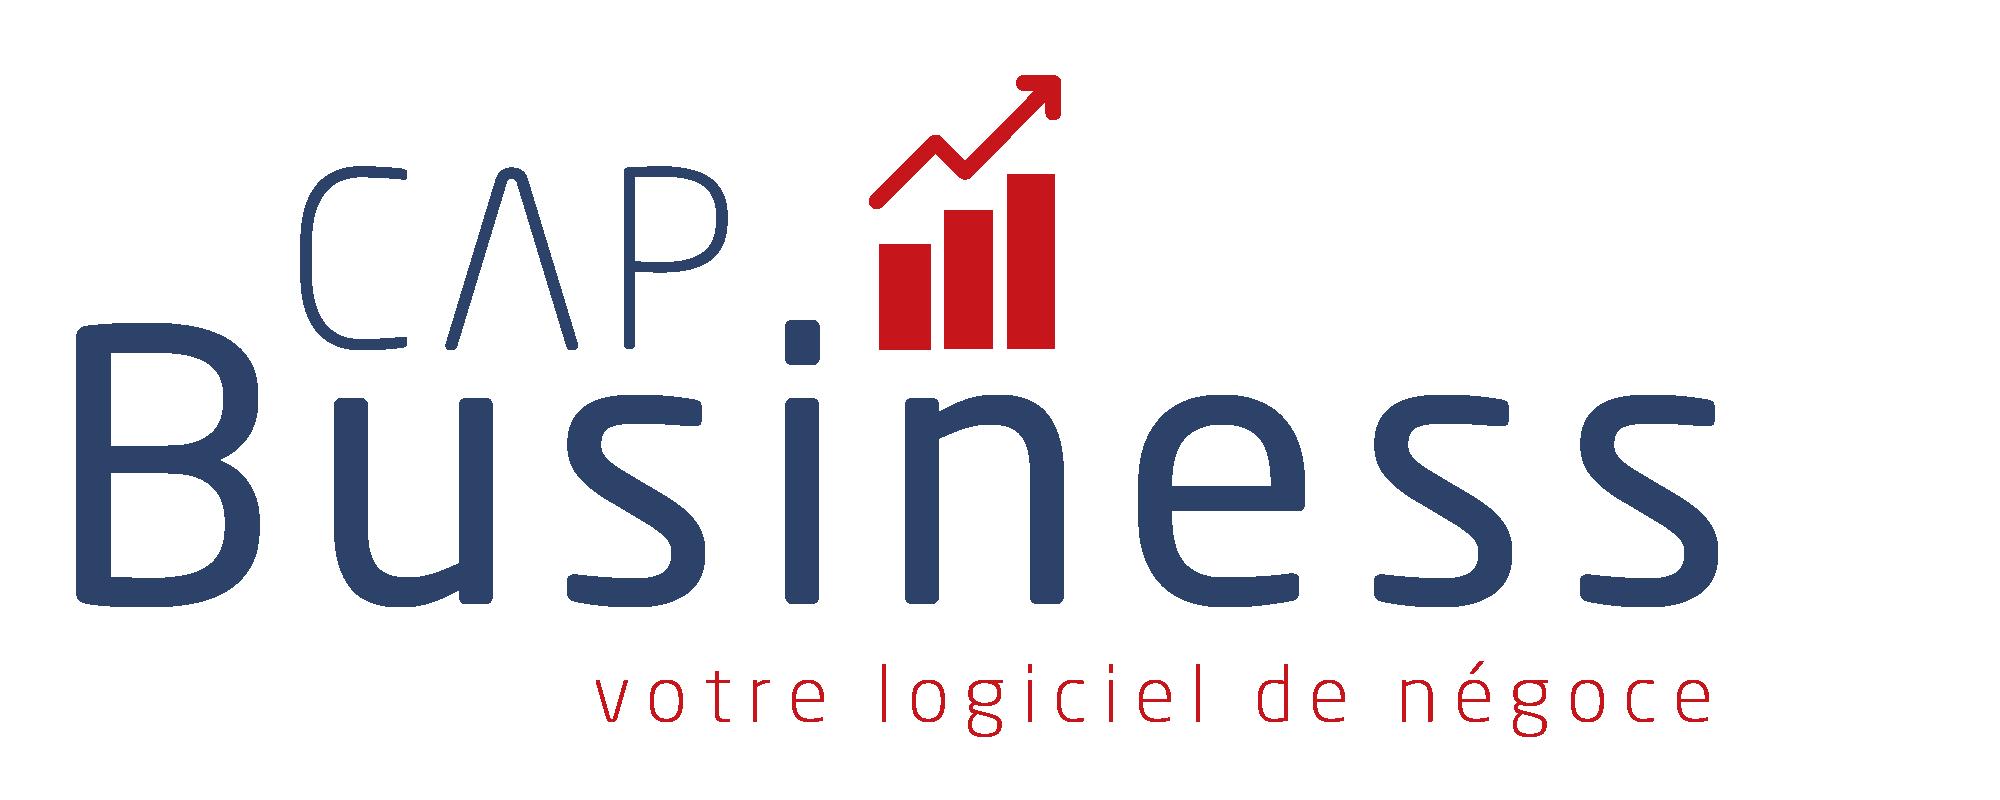 Cap Business